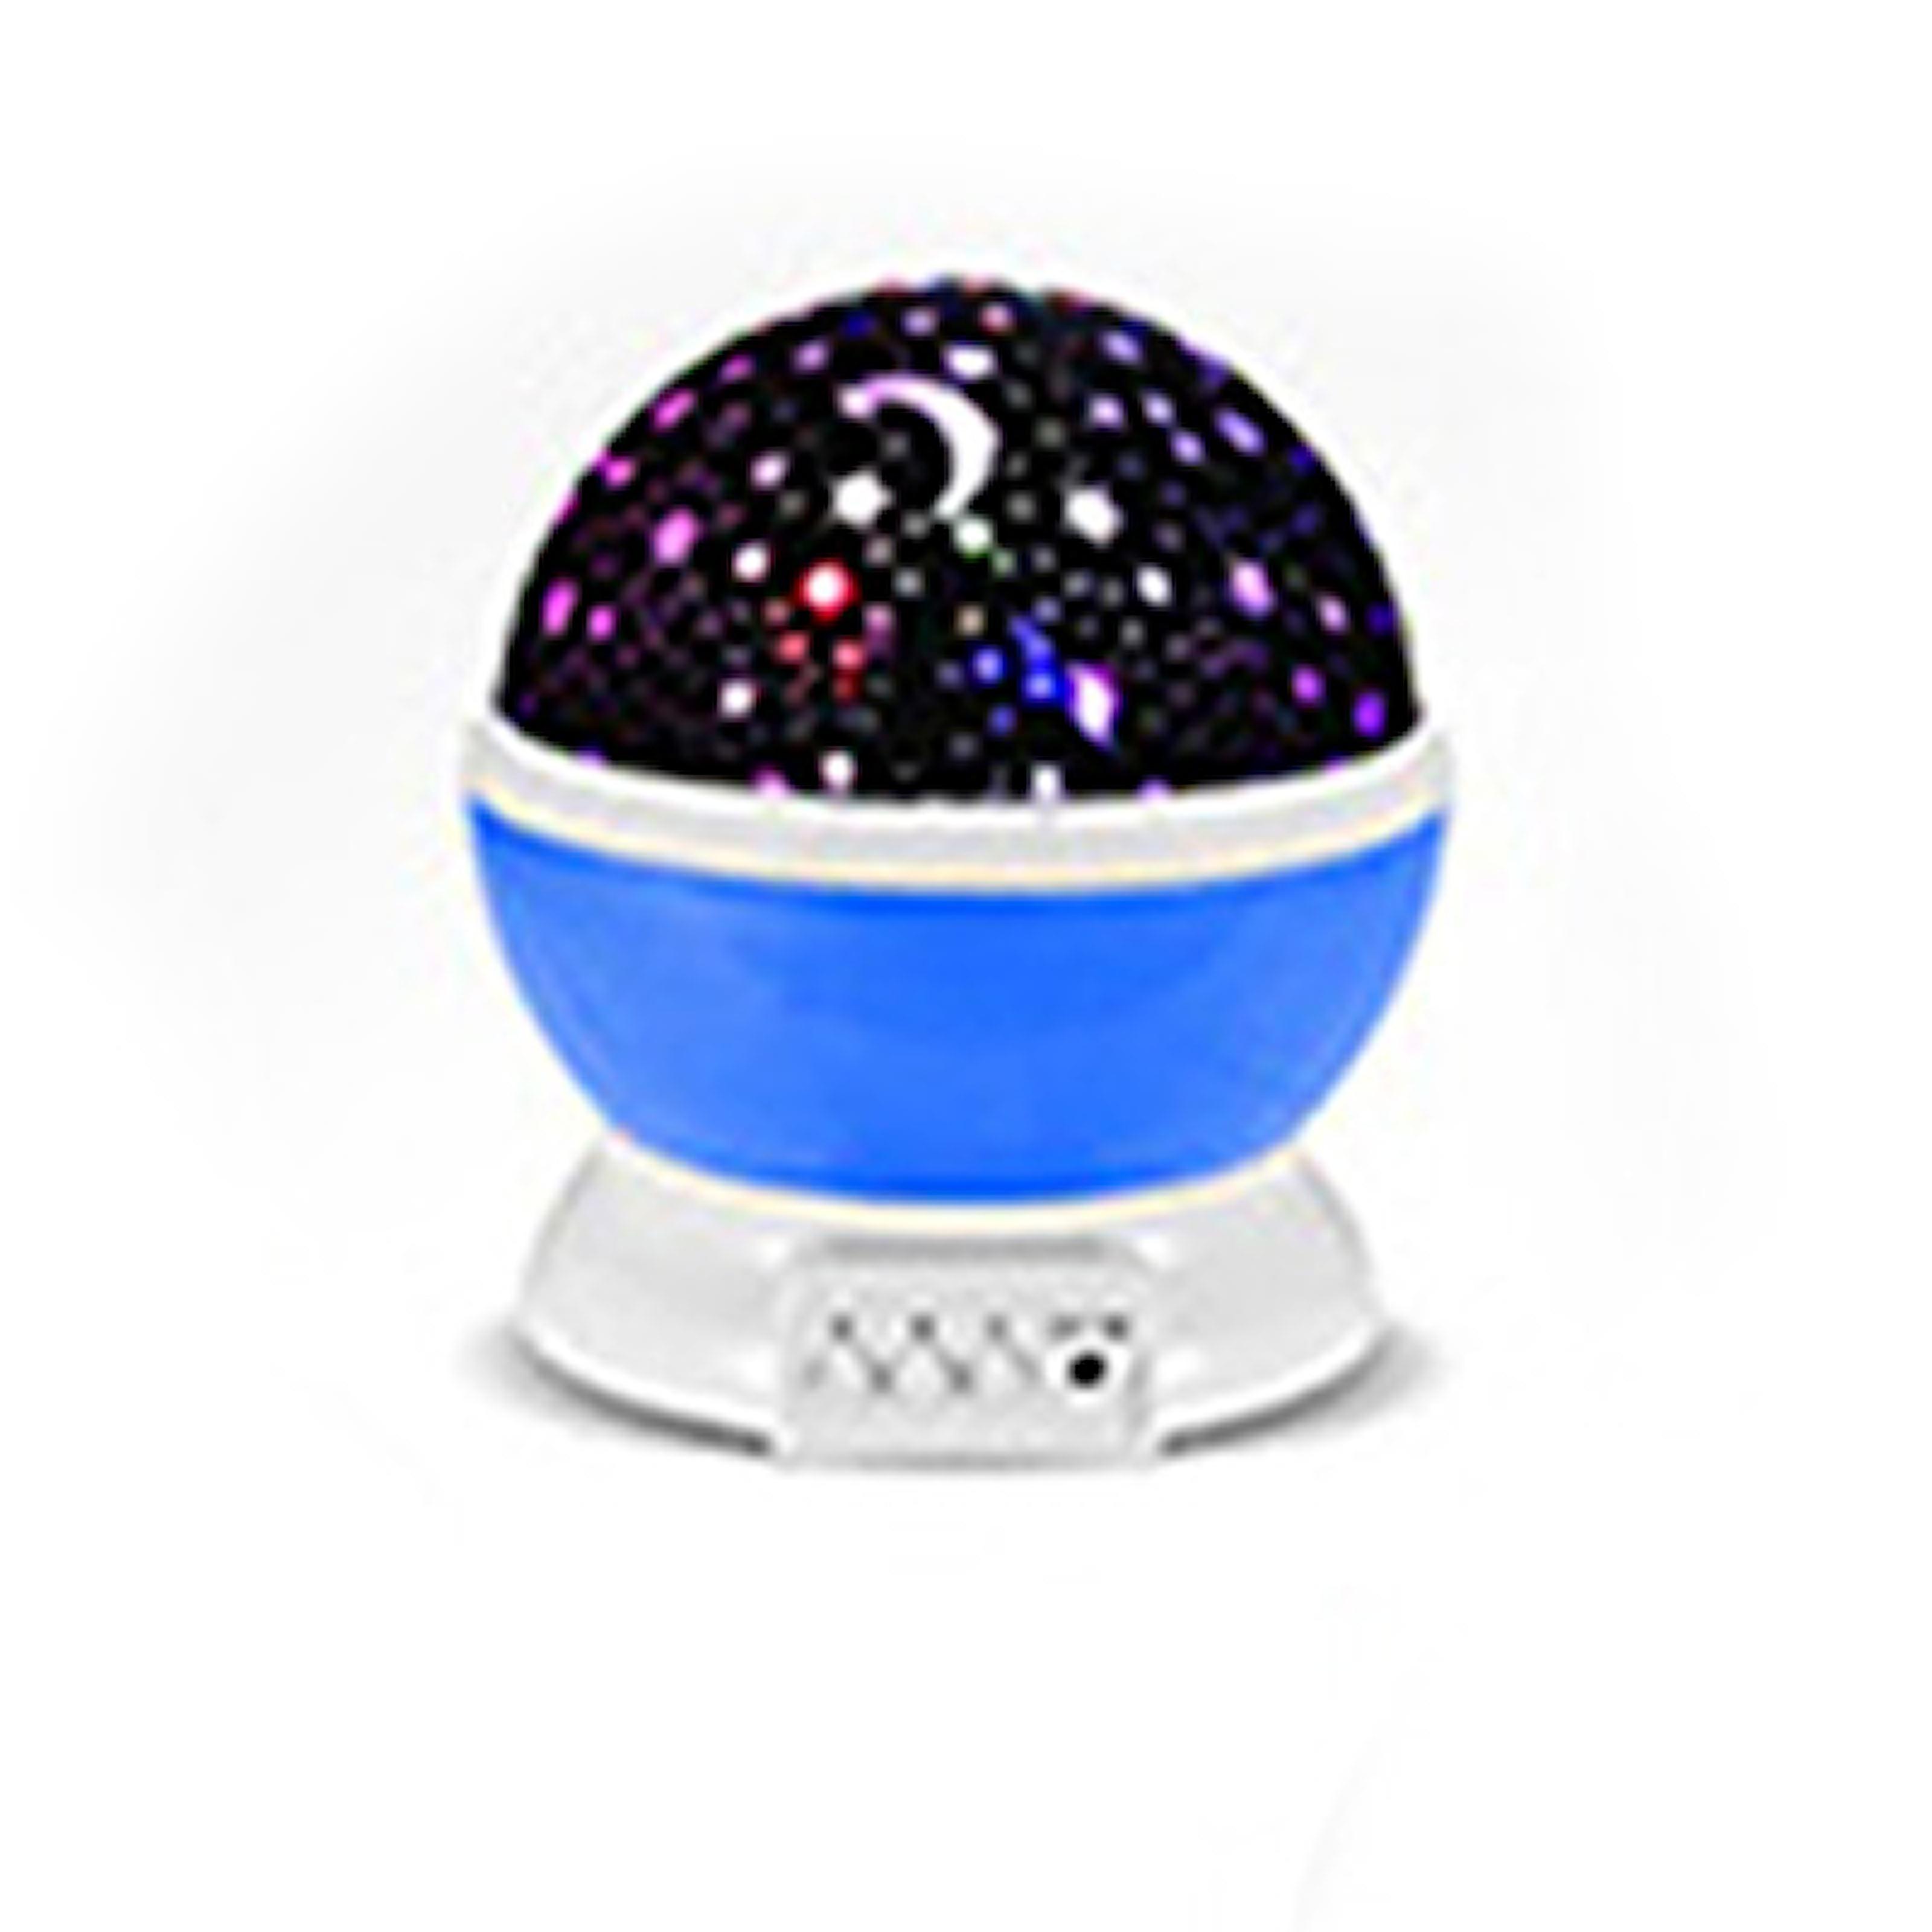 Blå, Night Lamp with Rotating Star-Sky, 3 Colors, Nattlampa med stjärnhimmel, ,